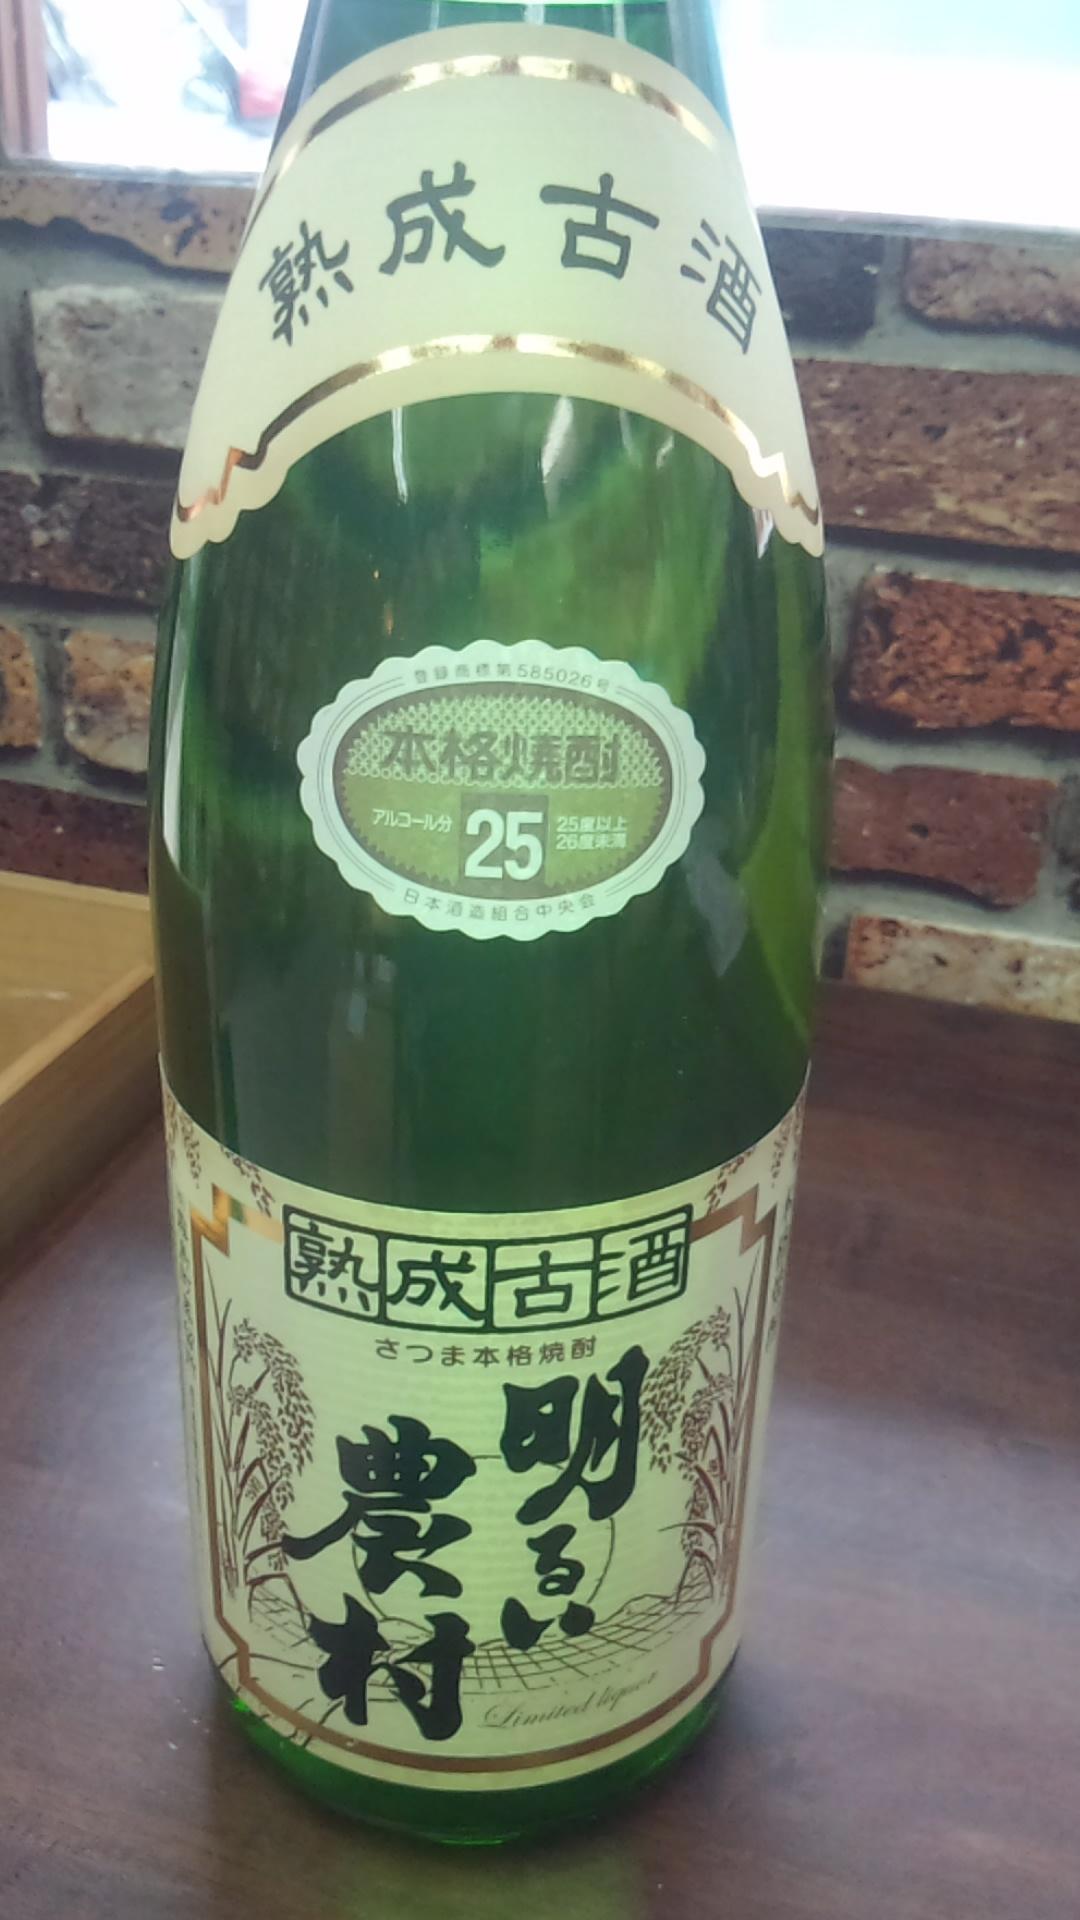 ☆芋焼酎・明るい農村『熟成古酒』、私もいい熟成をしたいです(^^)v☆_c0175182_18431221.jpg